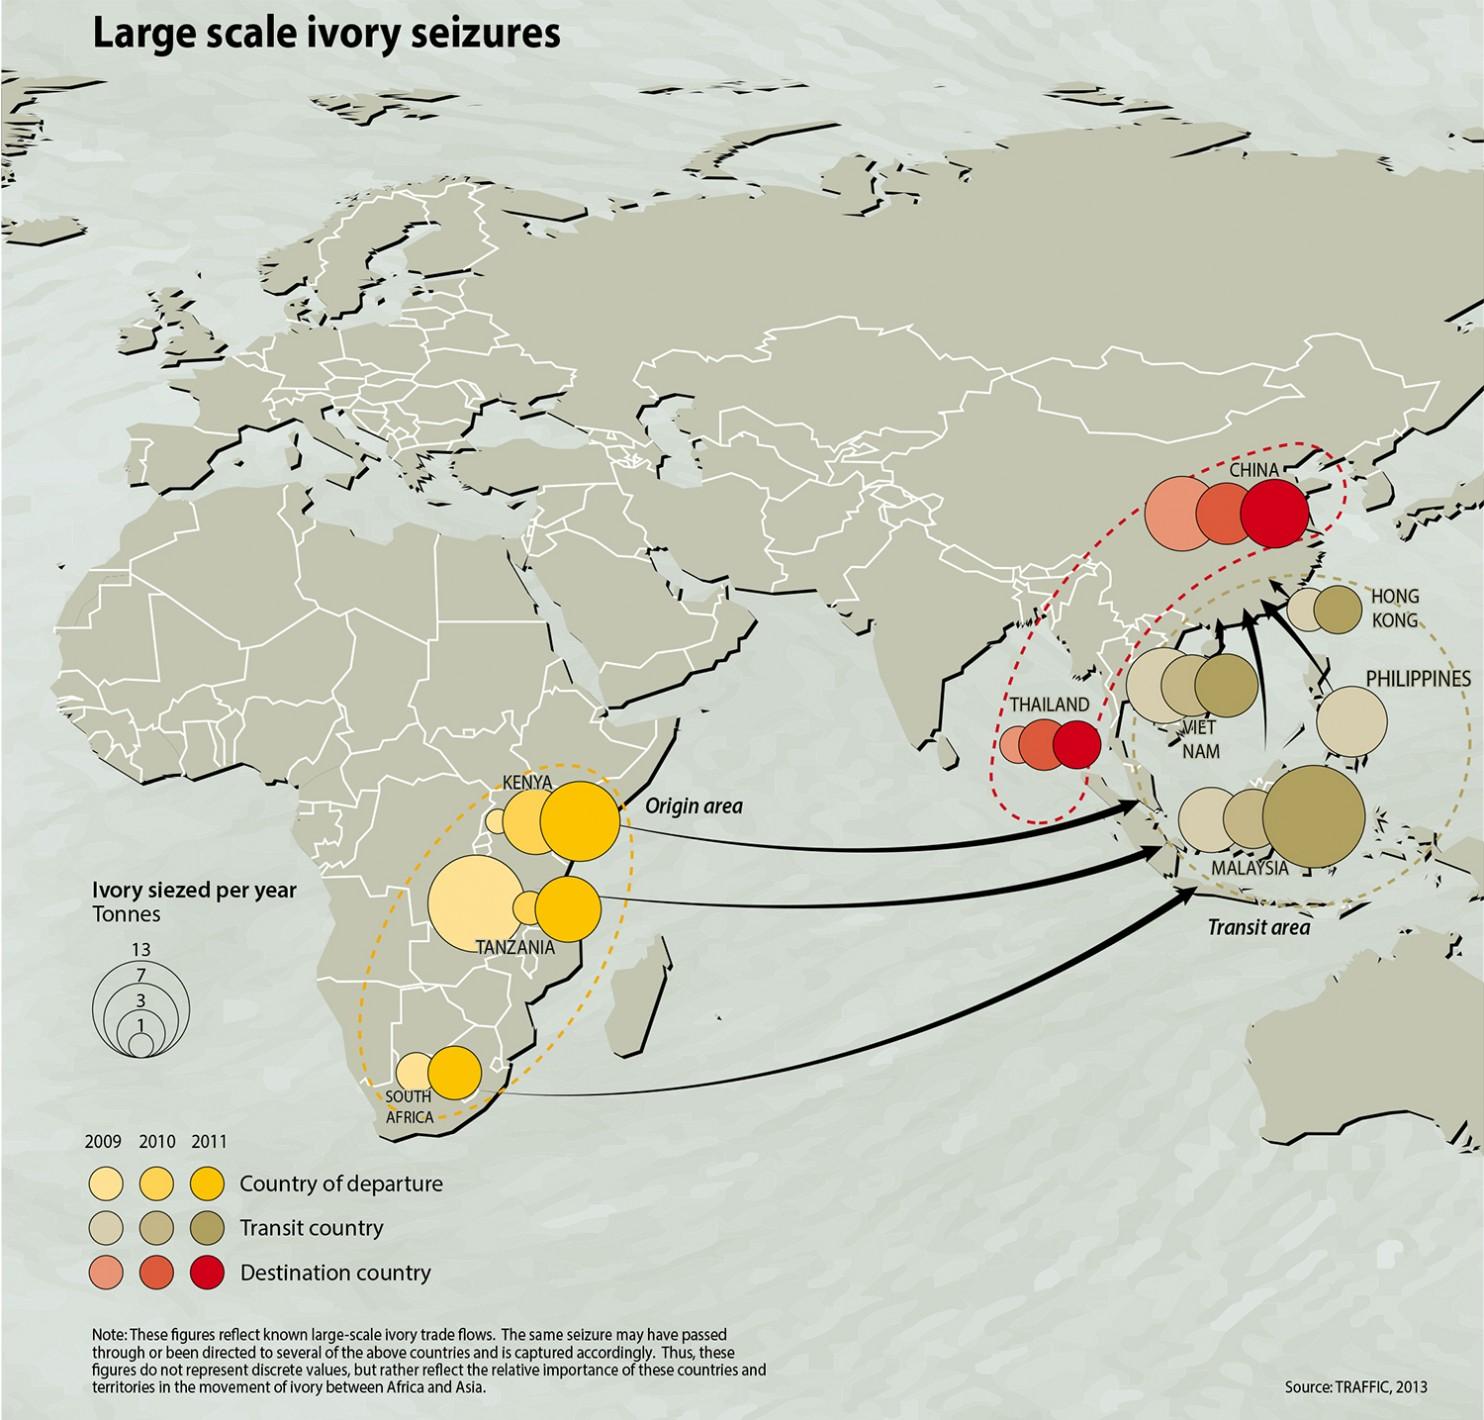 Mapa de las principales rutas de tráfico de marfil. Fuente: UNEP/GRID-Arendal.